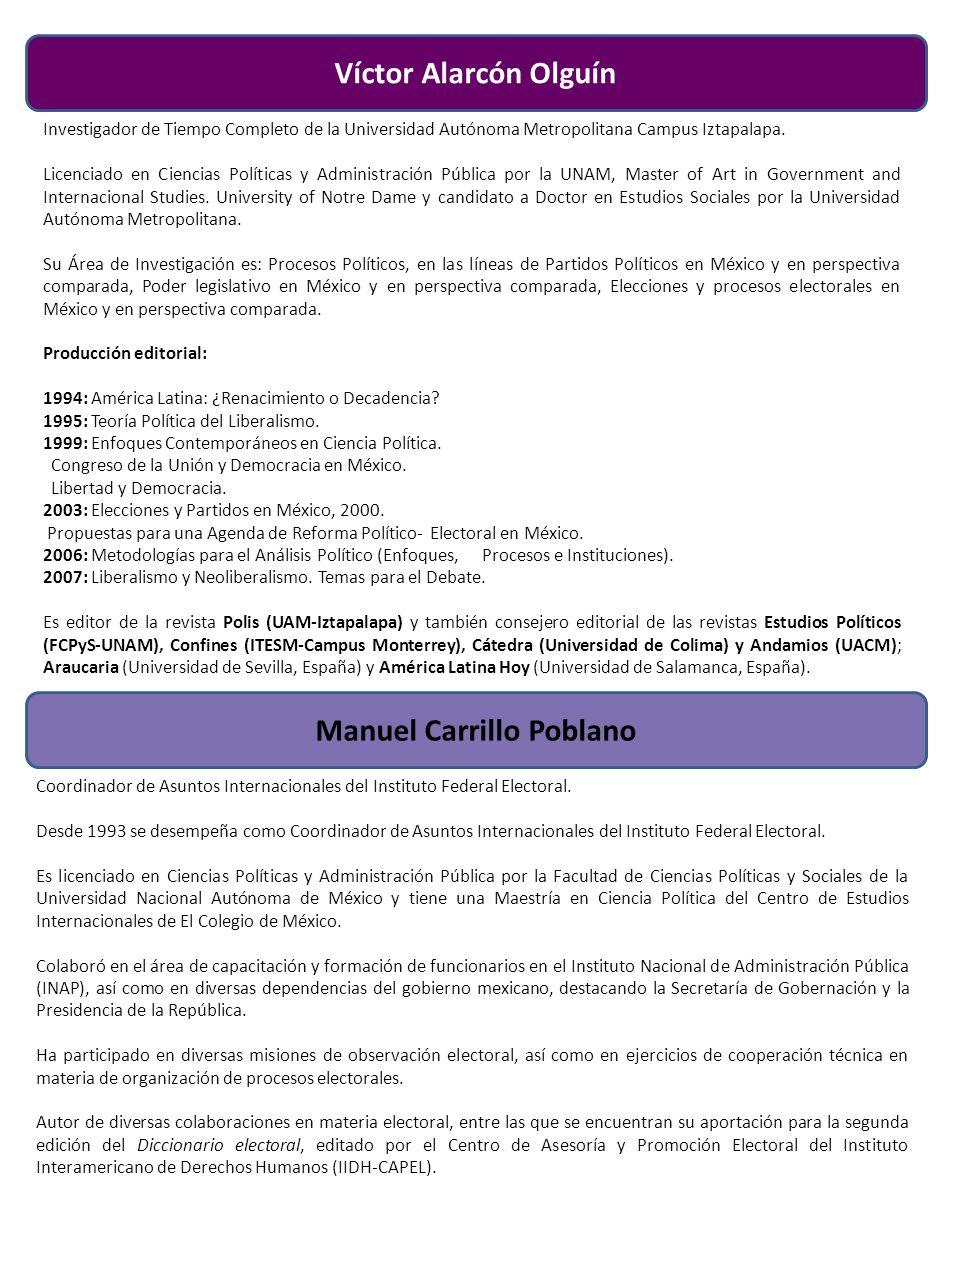 Víctor Alarcón Olguín Manuel Carrillo Poblano Investigador de Tiempo Completo de la Universidad Autónoma Metropolitana Campus Iztapalapa.